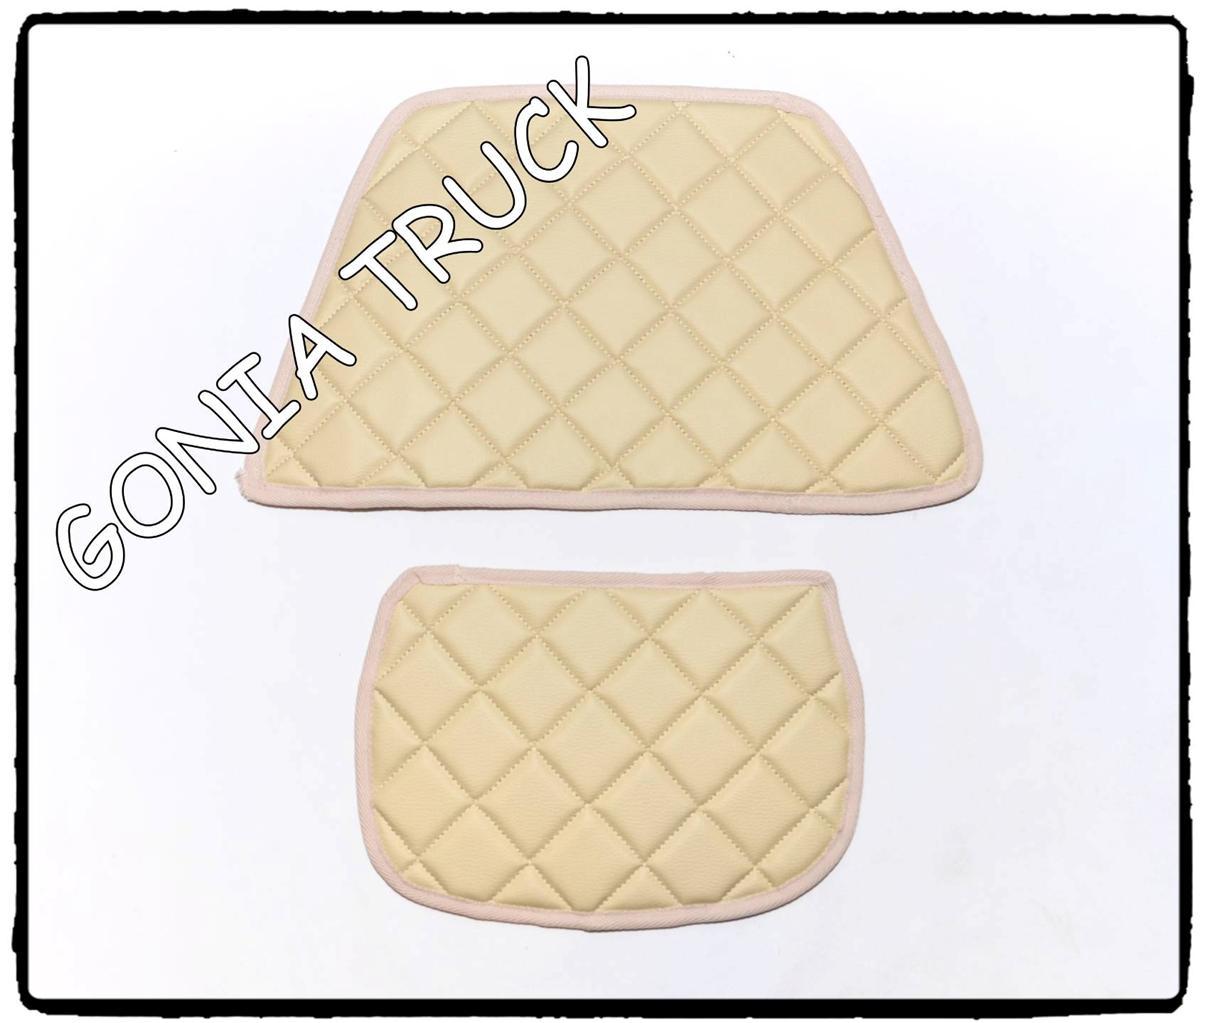 Eco cuir deux petit tapis on the tableau de board pour daf xf en beige couleur for Tapis raye noir beige